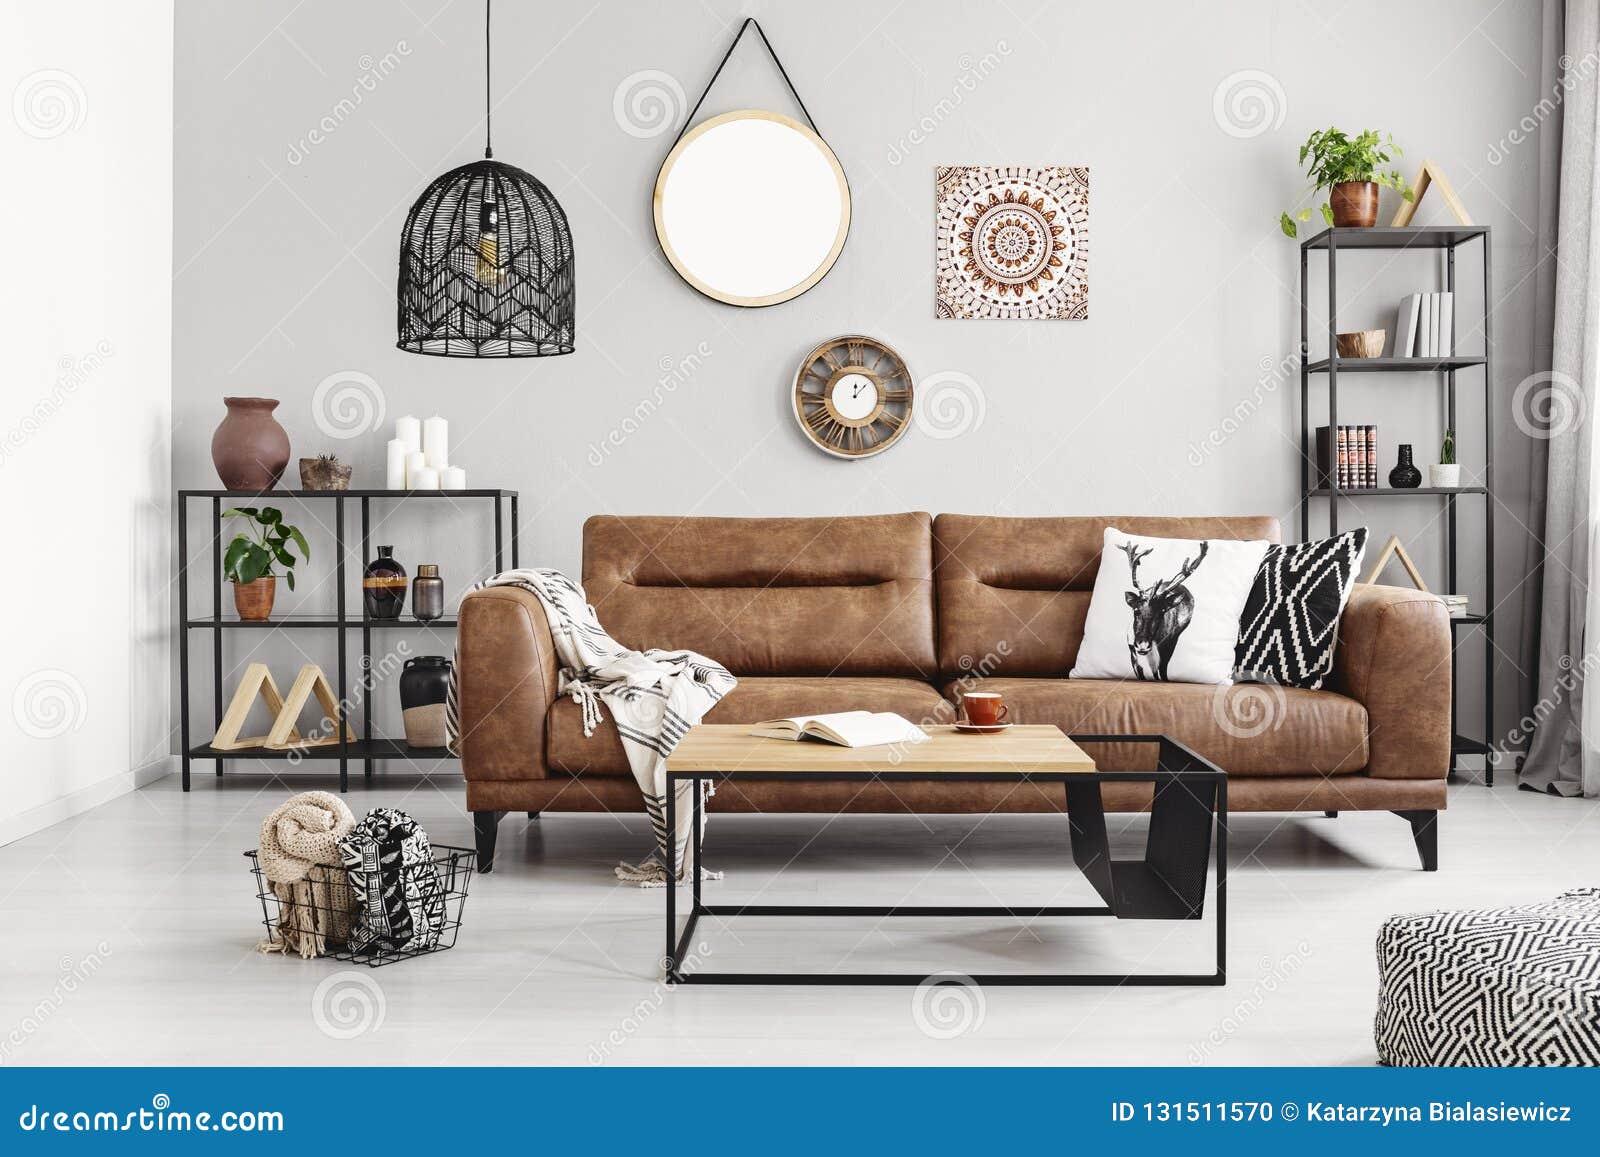 Rzemienna kanapa z poduszkami i koc w eleganckim żywym izbowym wnętrzu z metal półkami i nowożytnym stolikiem do kawy,